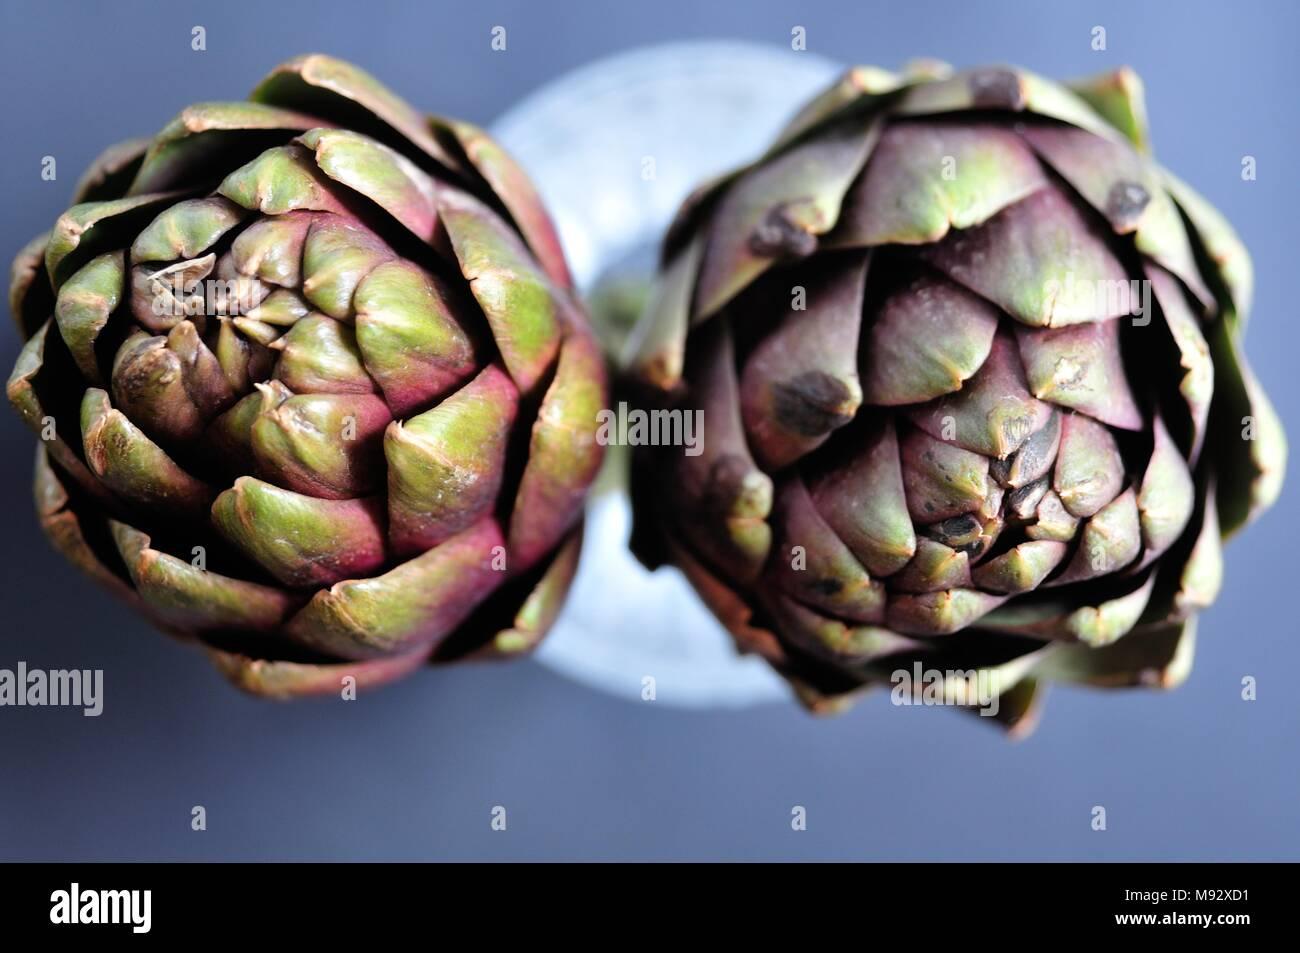 Dos alcachofas orgánica verde sobre fondo gris, vista superior. Una dieta saludable y antioxidante de hortalizas. Imagen De Stock